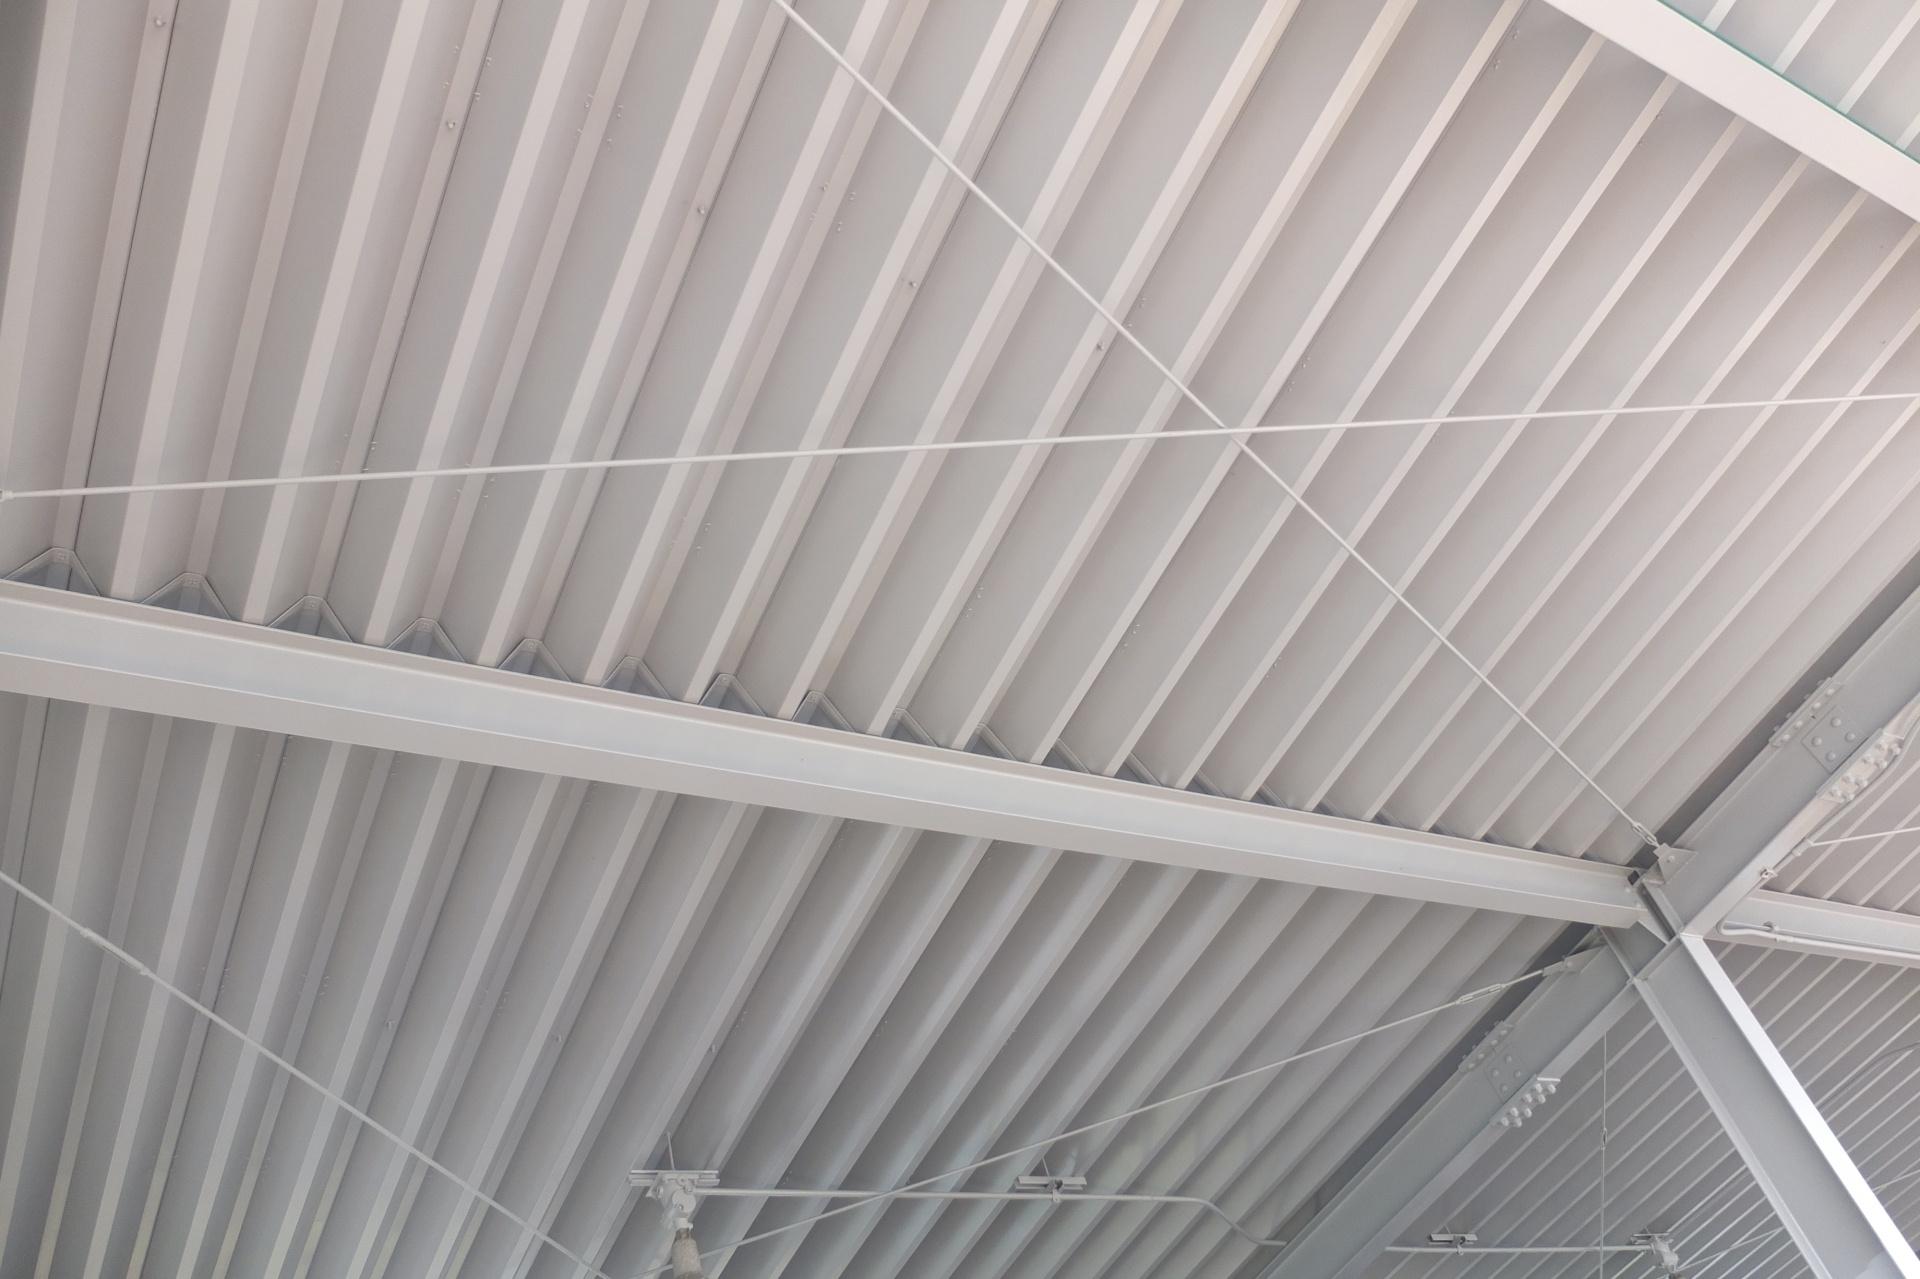 千葉県で工場や倉庫によく使われる折板屋根のメリット・デメリット